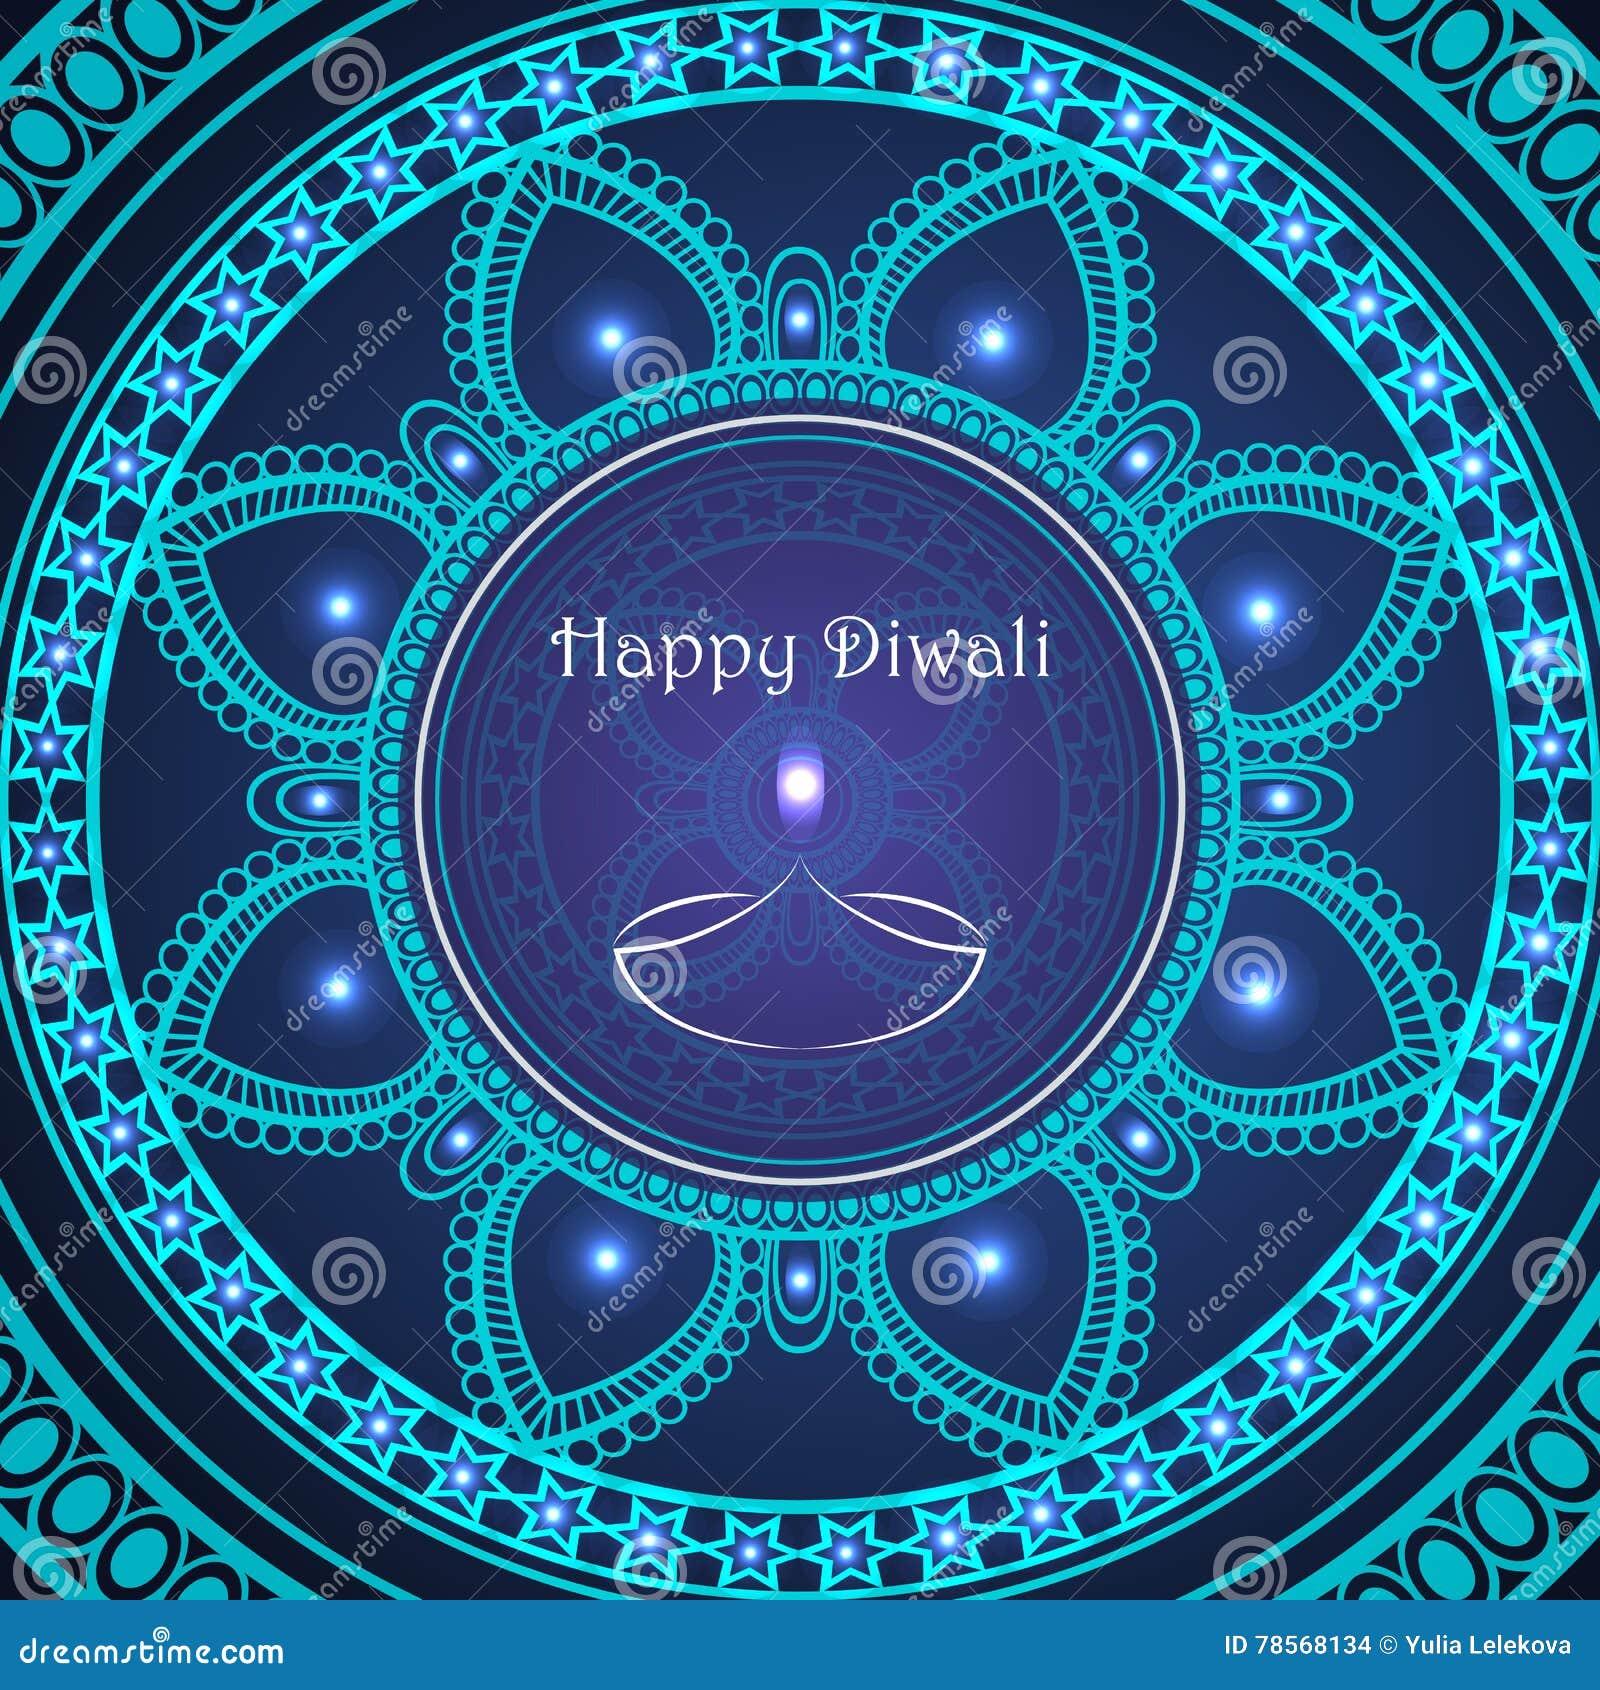 Διανυσματική ευχετήρια κάρτα στο ινδικό φεστιβάλ των φω των diwali happy